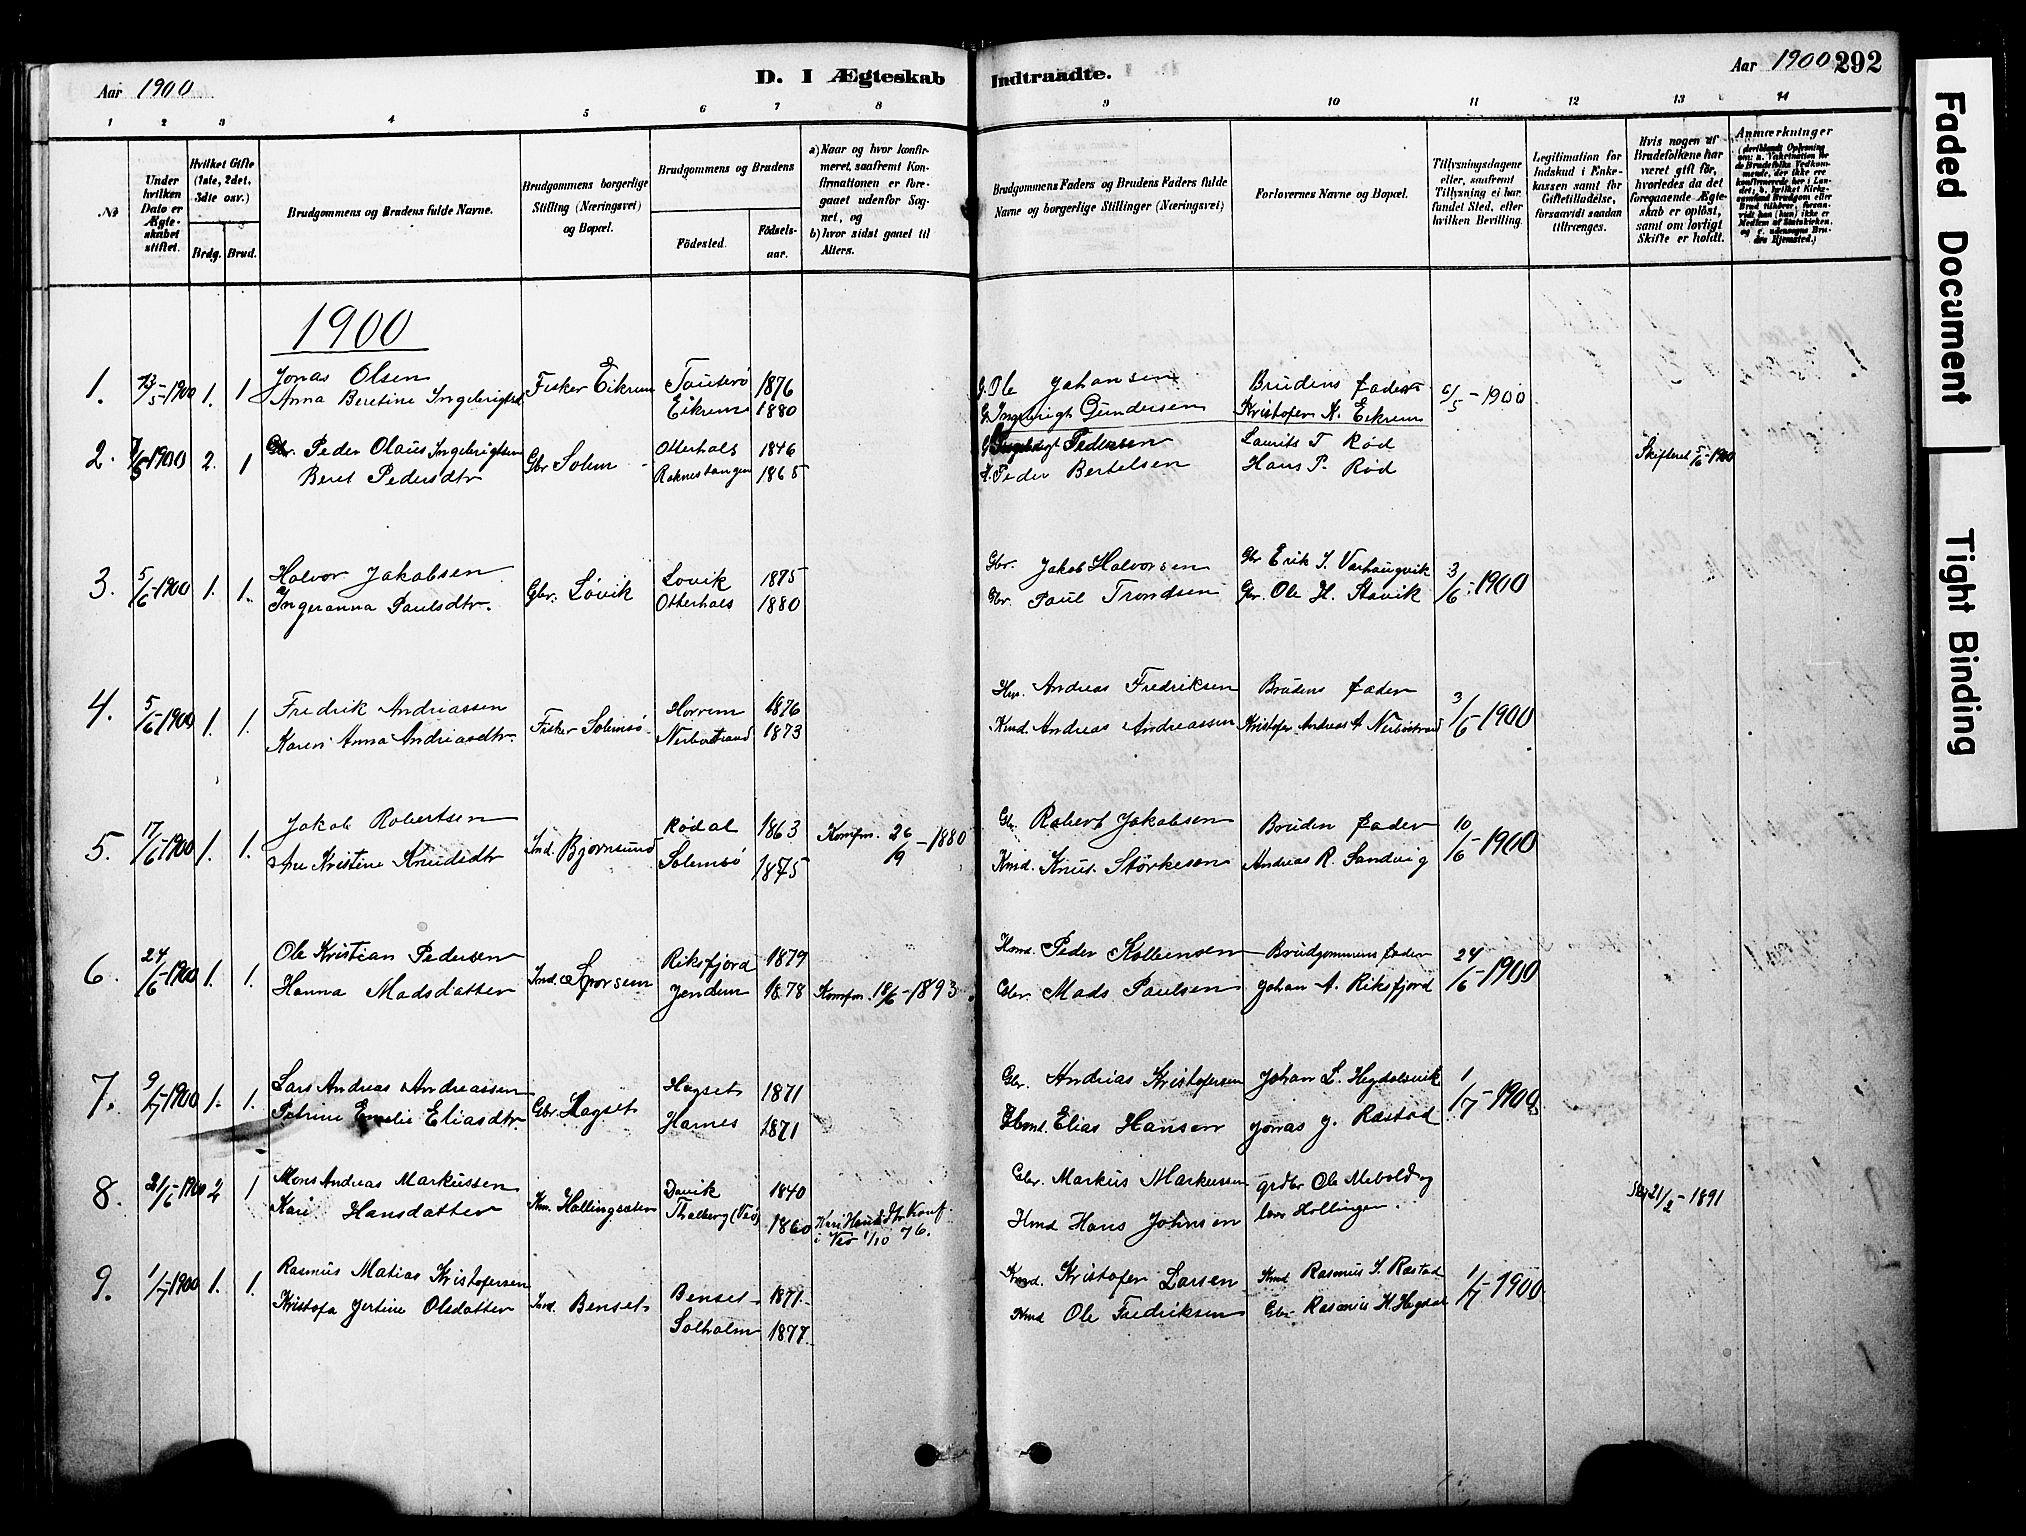 SAT, Ministerialprotokoller, klokkerbøker og fødselsregistre - Møre og Romsdal, 560/L0721: Ministerialbok nr. 560A05, 1878-1917, s. 292